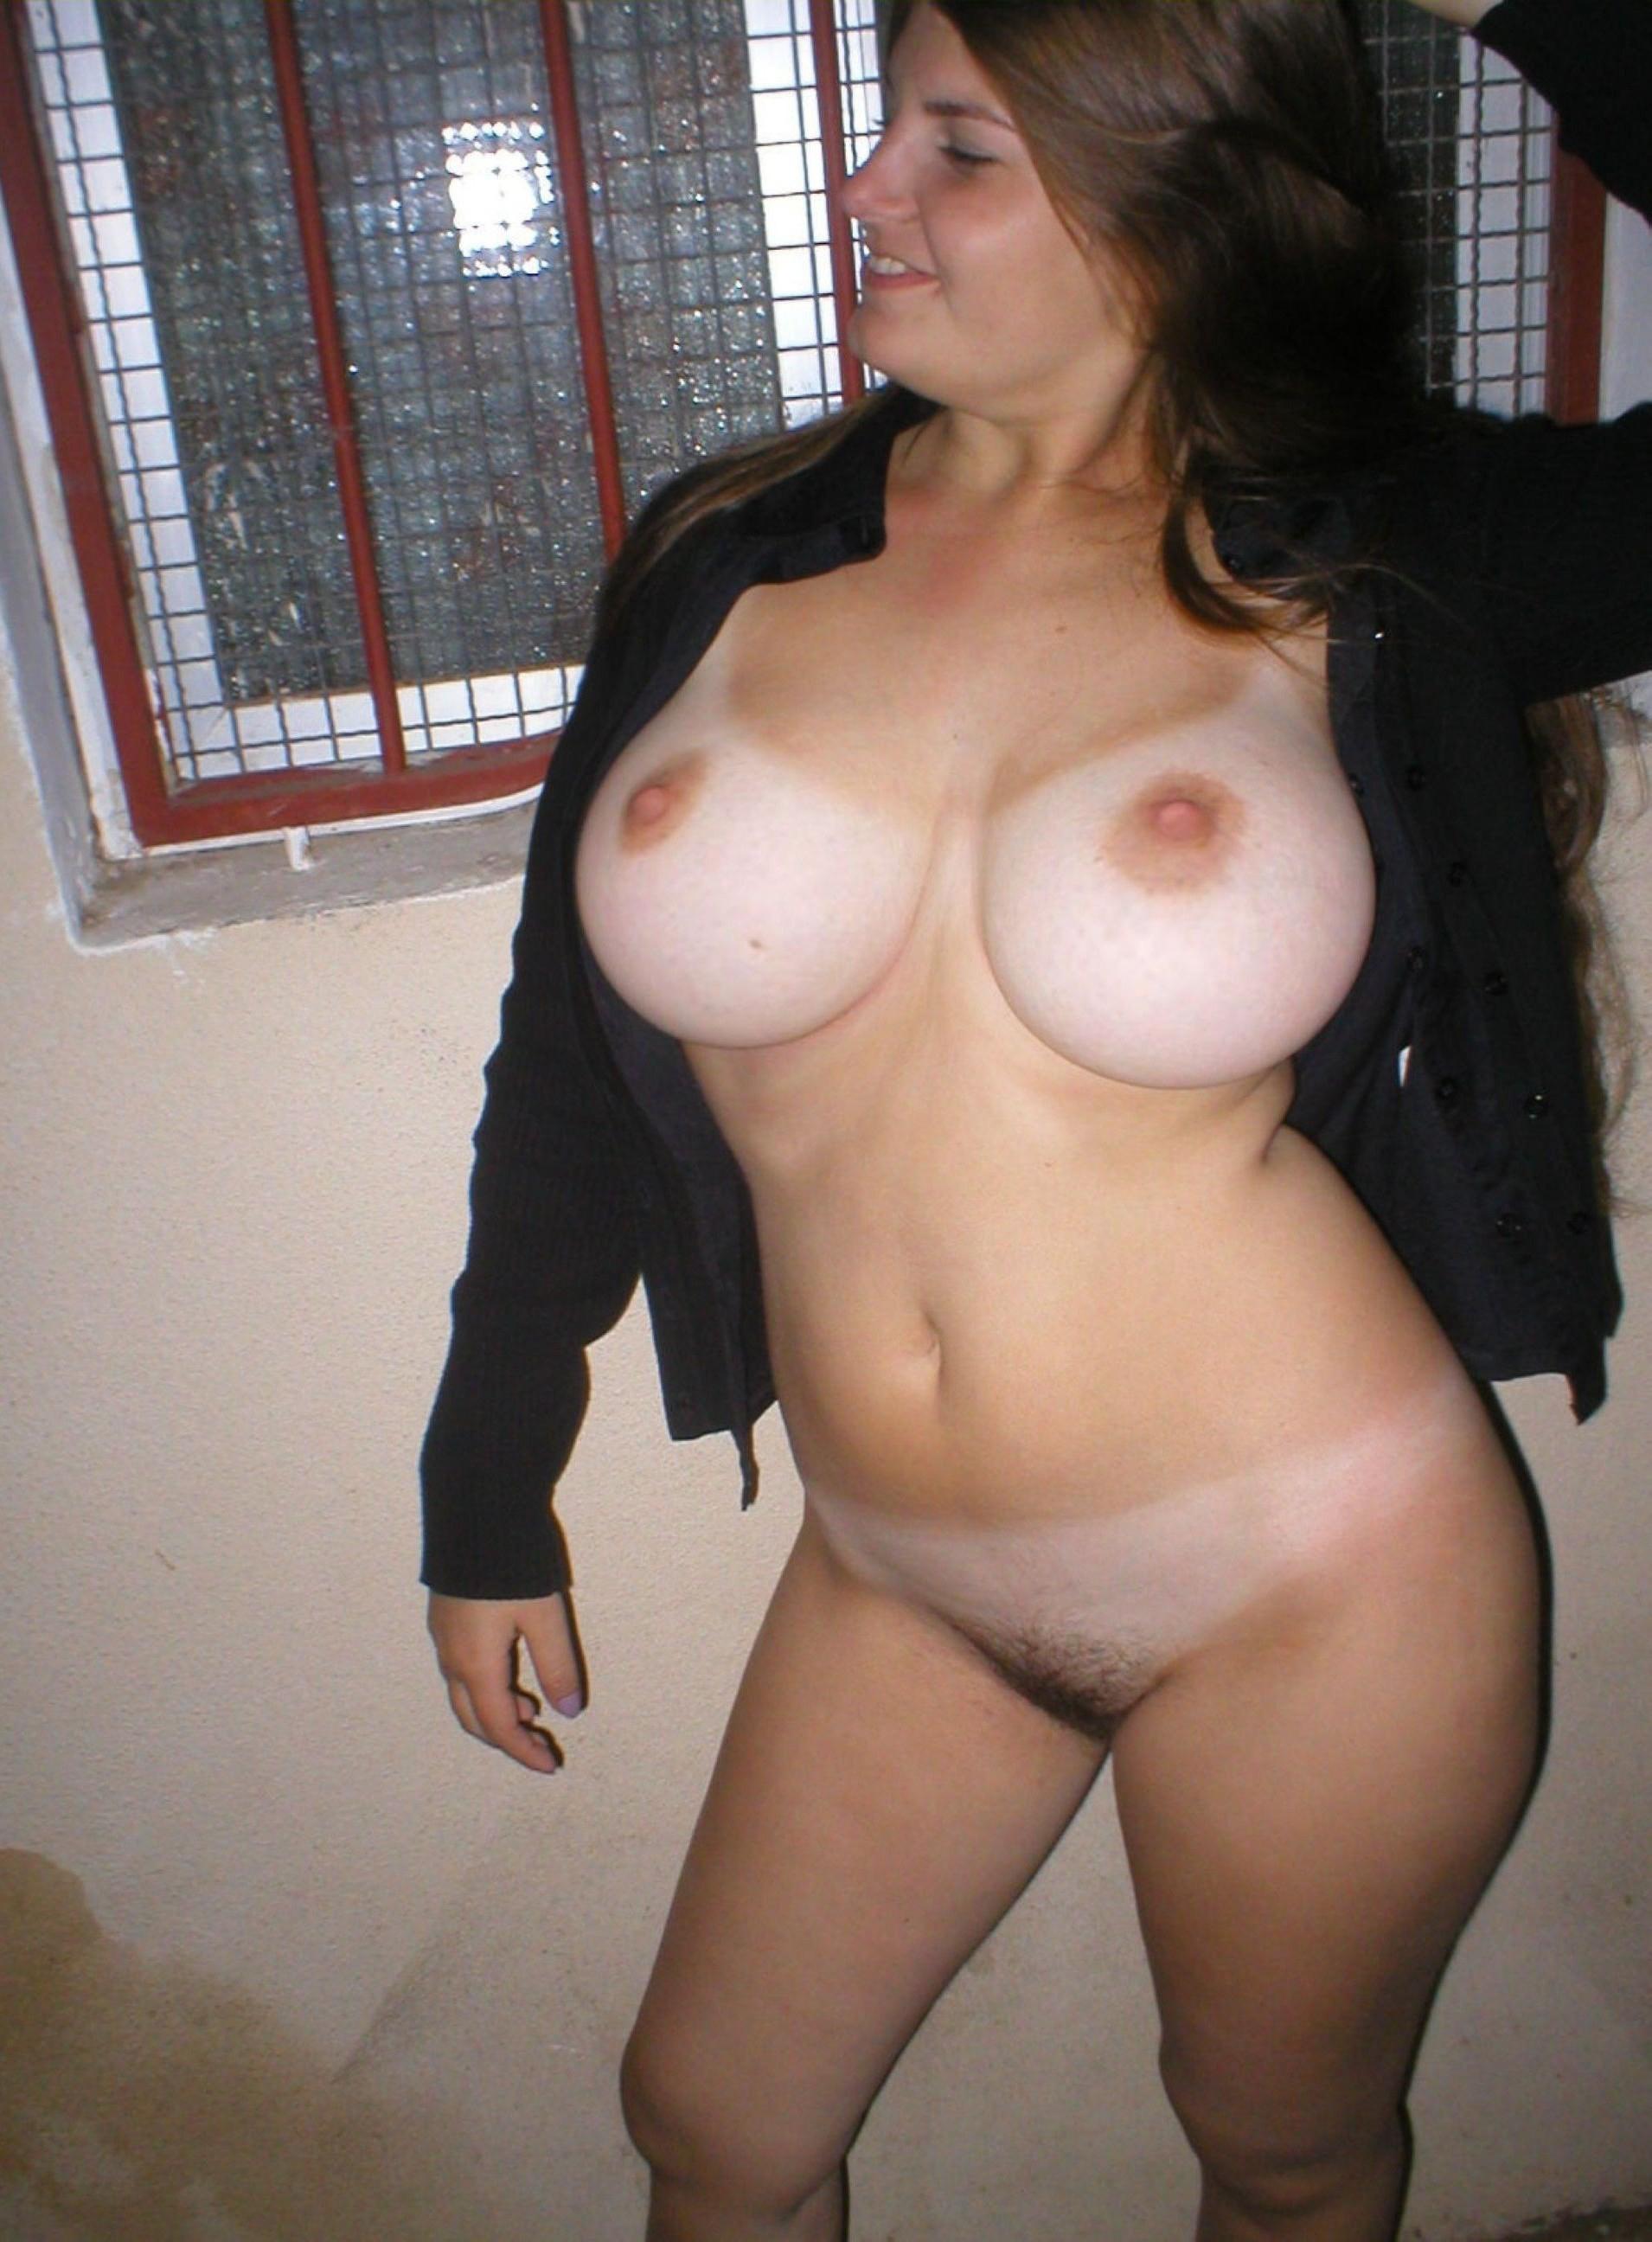 Частное русское большие сиськи домашнее порно 17 фотография